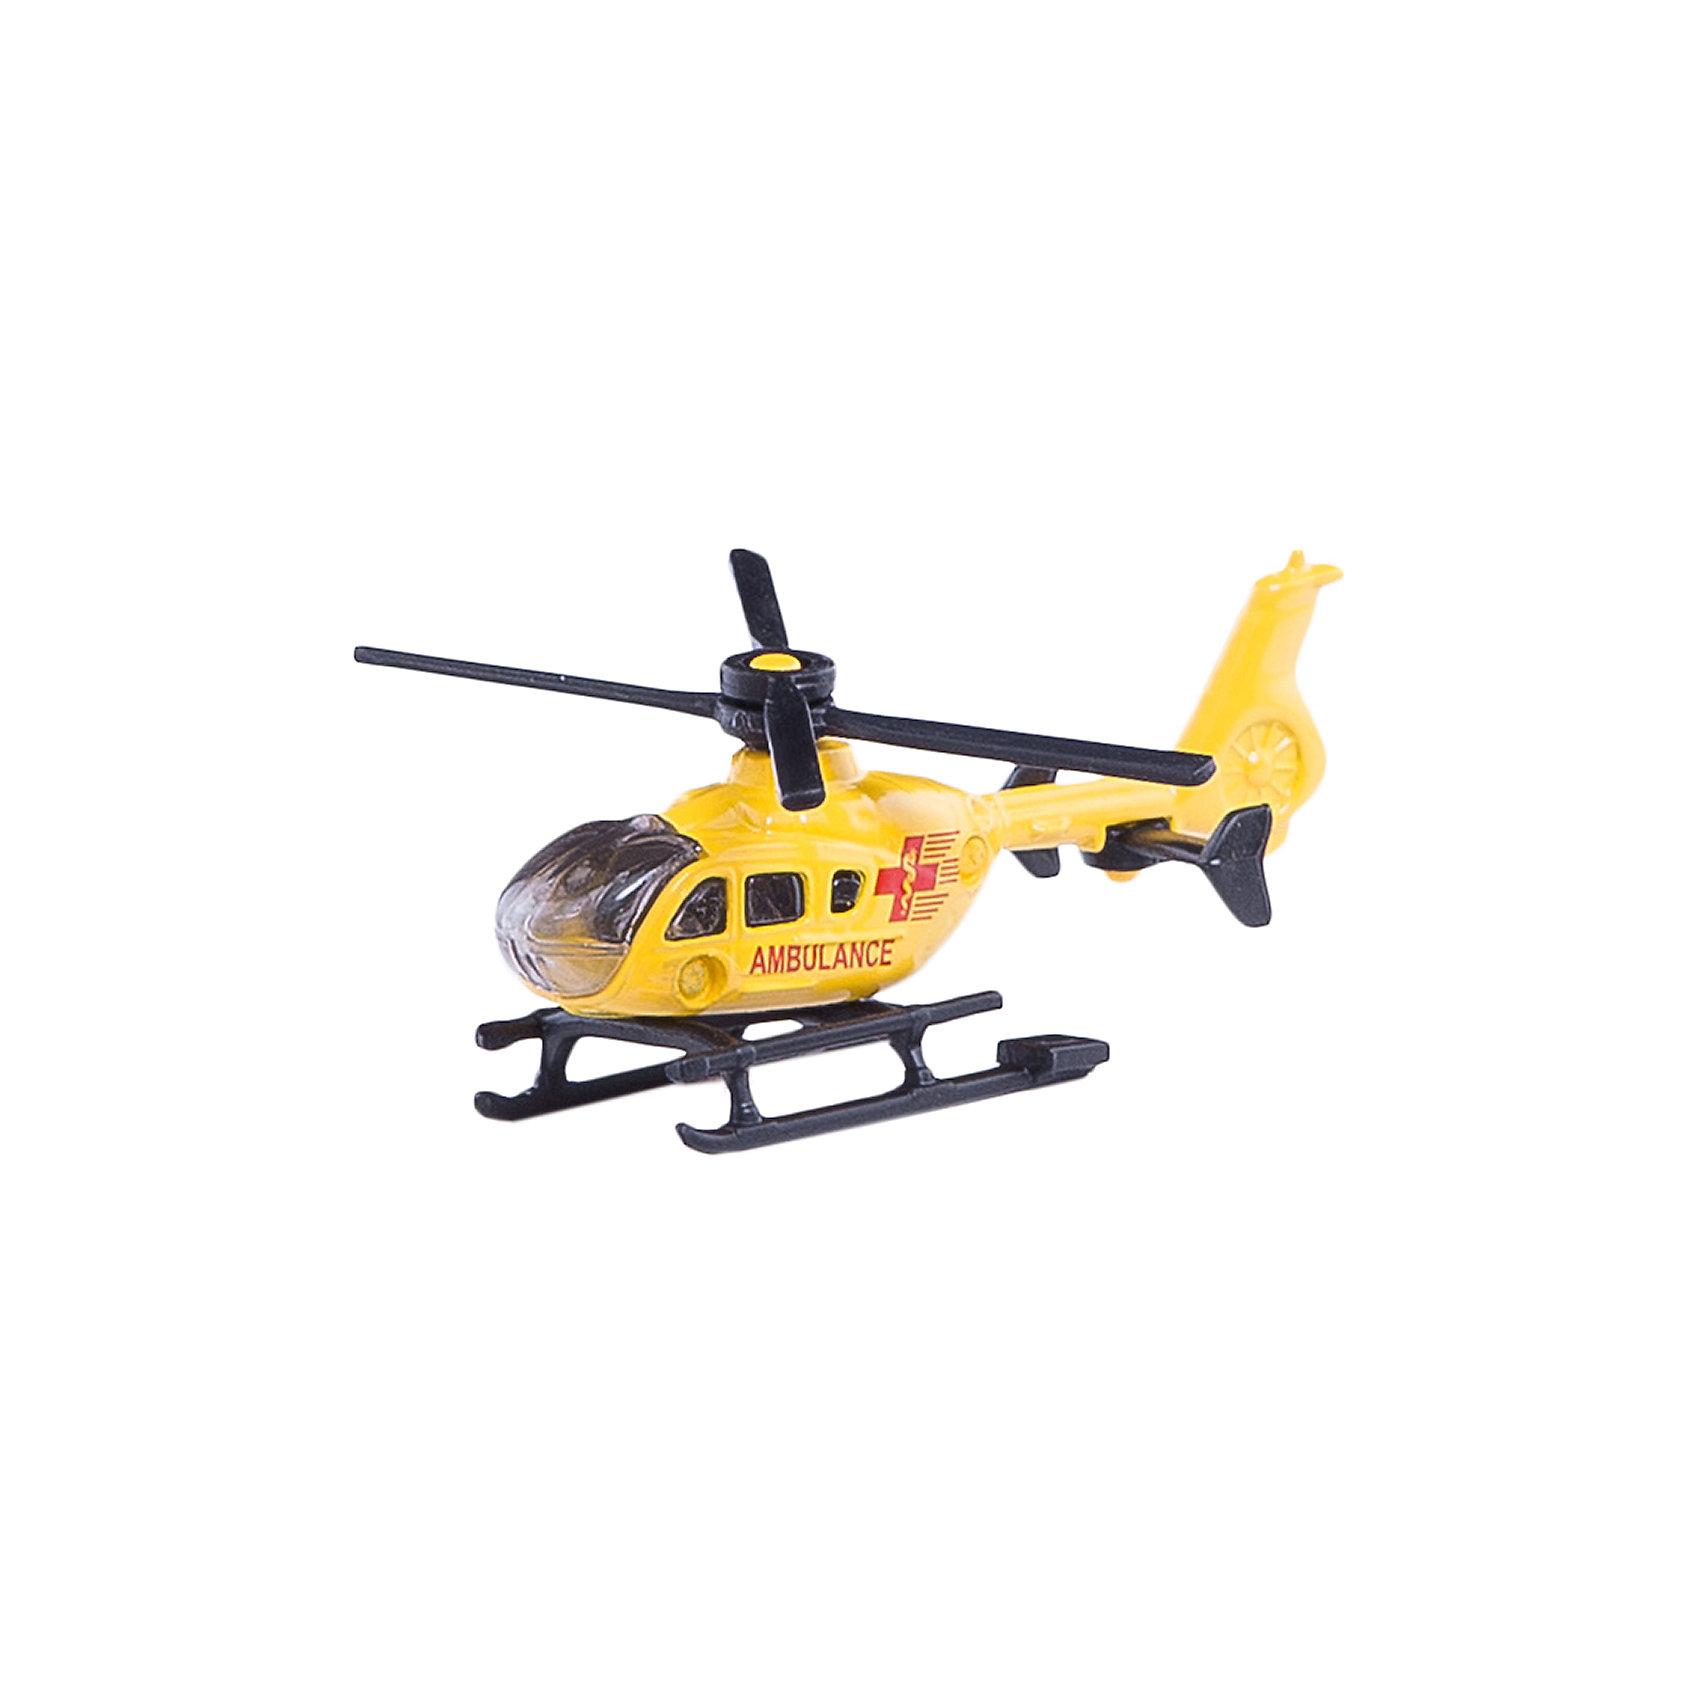 SIKU 0856 Спасательный вертолетСамолёты и вертолёты<br>SIKU (СИКУ) 0856 Спасательный вертолет быстро прибудет туда, где нужна помощь.<br><br>Корпус выполнен из металла, лобовое стекло и боковые стёкла из прозрачного пластика, винт вращается.<br><br>Дополнительная информация:<br>-Материал: металл с элементами пластмассы<br>-Размер игрушки: 8,1 x 6,7 x 3,1 см<br><br>Спасательный вертолет прекрасно подойдет для ребят, увлекающихся техникой.<br><br>SIKU (СИКУ) 0856 Спасательный вертолет можно купить в нашем магазине.<br><br>Ширина мм: 95<br>Глубина мм: 76<br>Высота мм: 17<br>Вес г: 31<br>Возраст от месяцев: 36<br>Возраст до месяцев: 96<br>Пол: Мужской<br>Возраст: Детский<br>SKU: 1439831